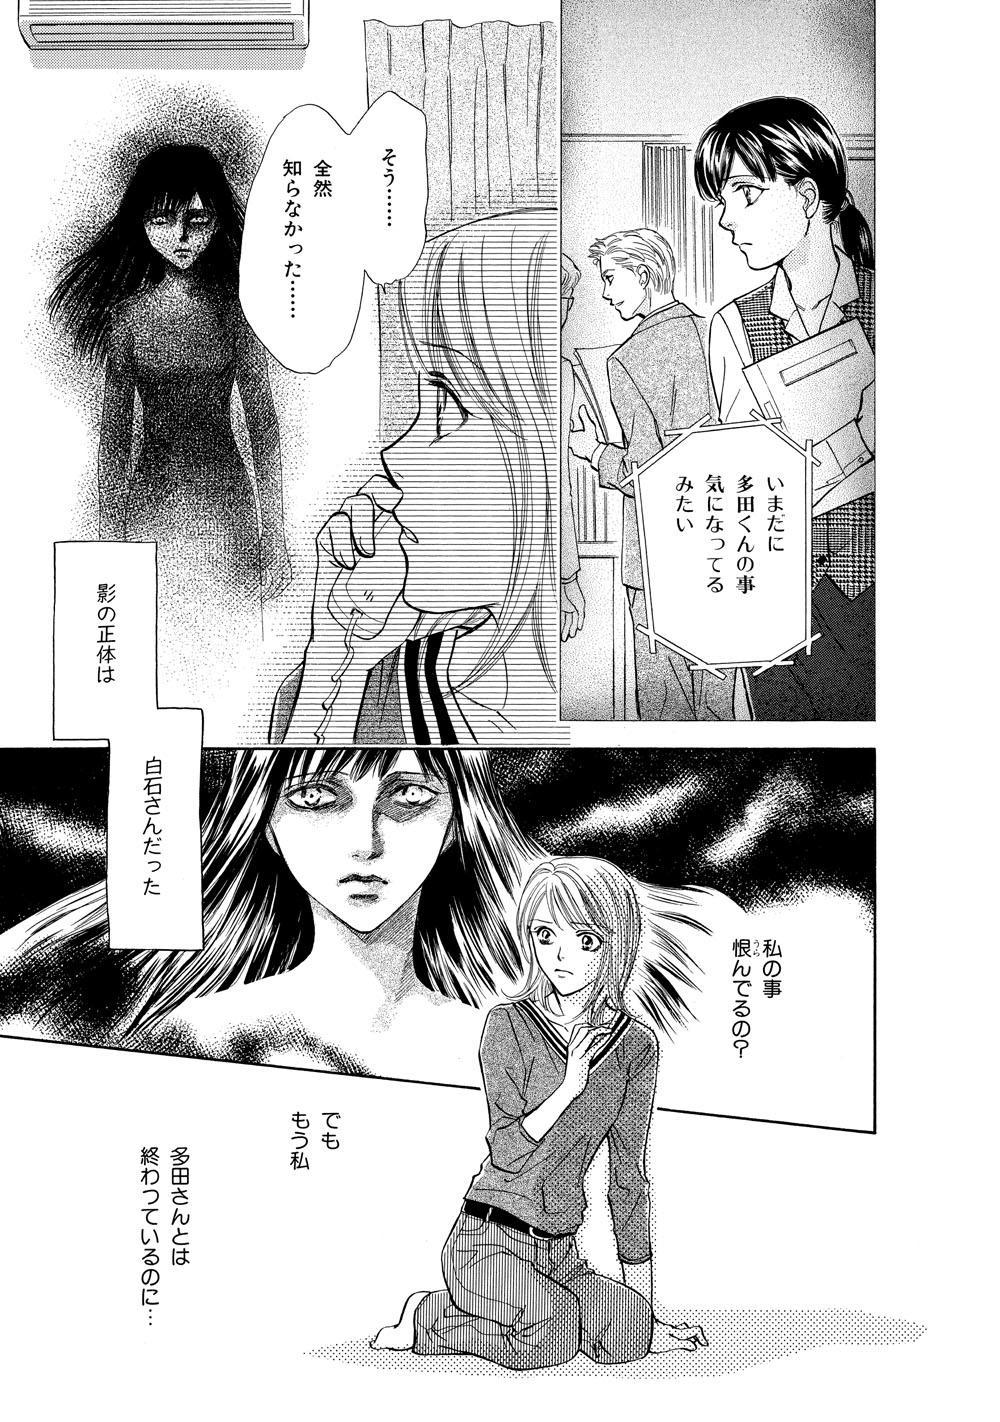 テレビ版_ほん怖_297.jpg